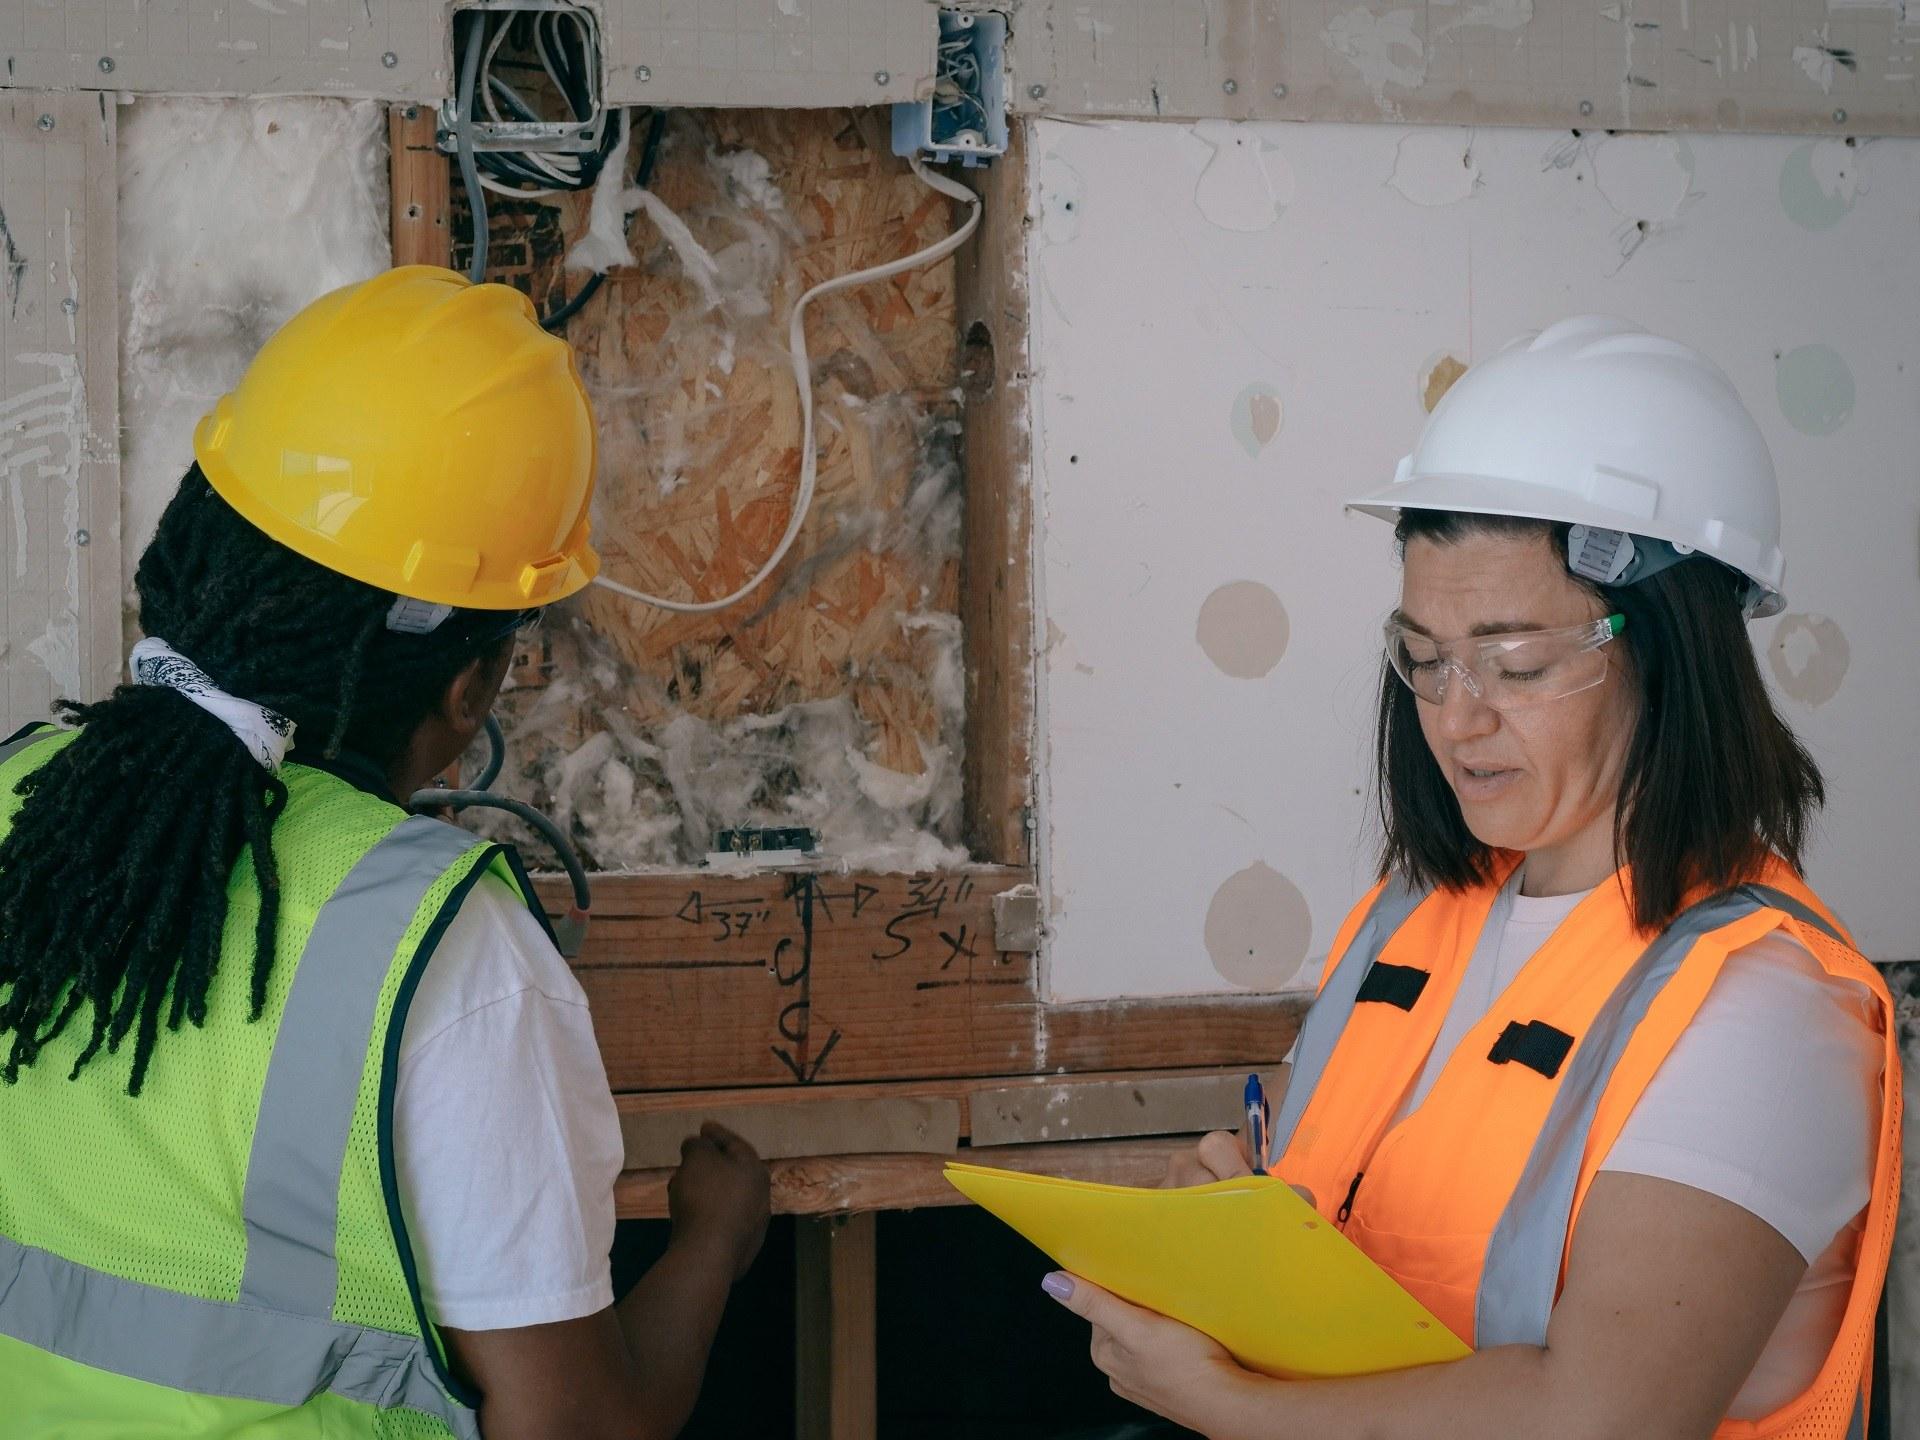 Baustellenüberwachung, Baustellenbewachung Sicherheitsdienst Baustelle, Bau bewachen Butzbach